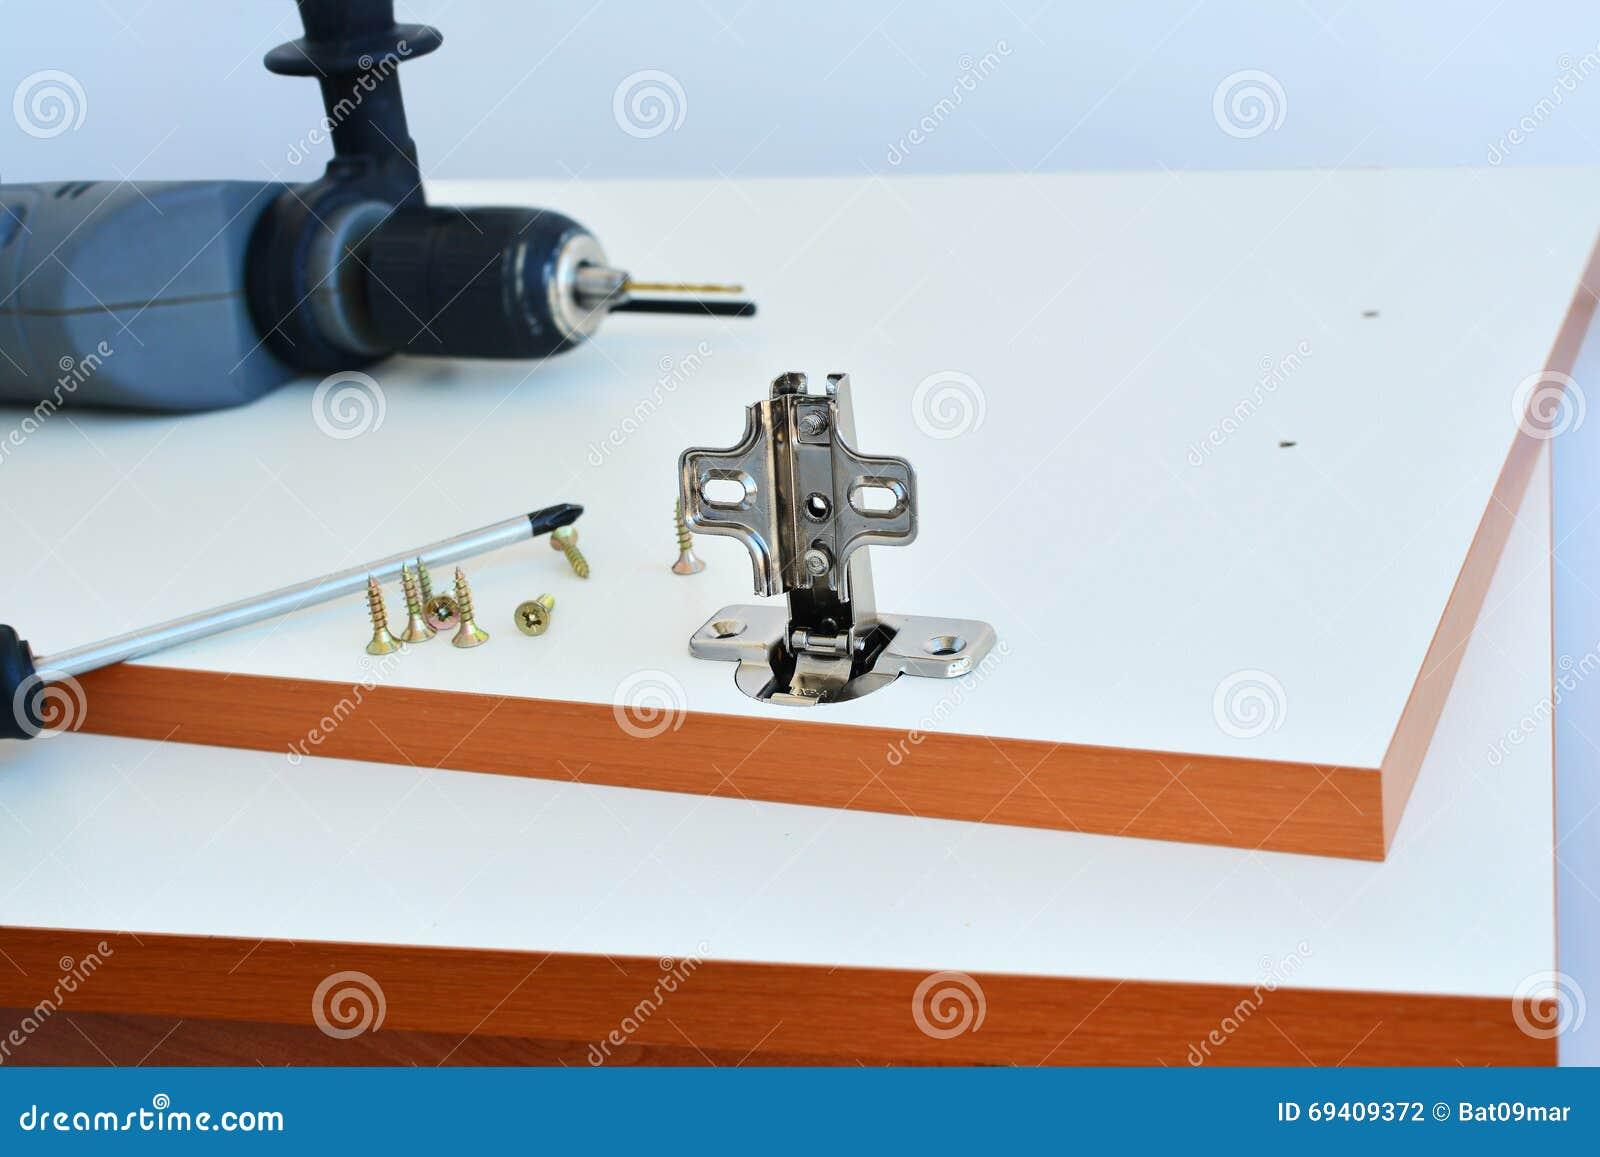 Schwenkachse Kompl. Auf Küchenschranktür Stockfoto - Bild von ...